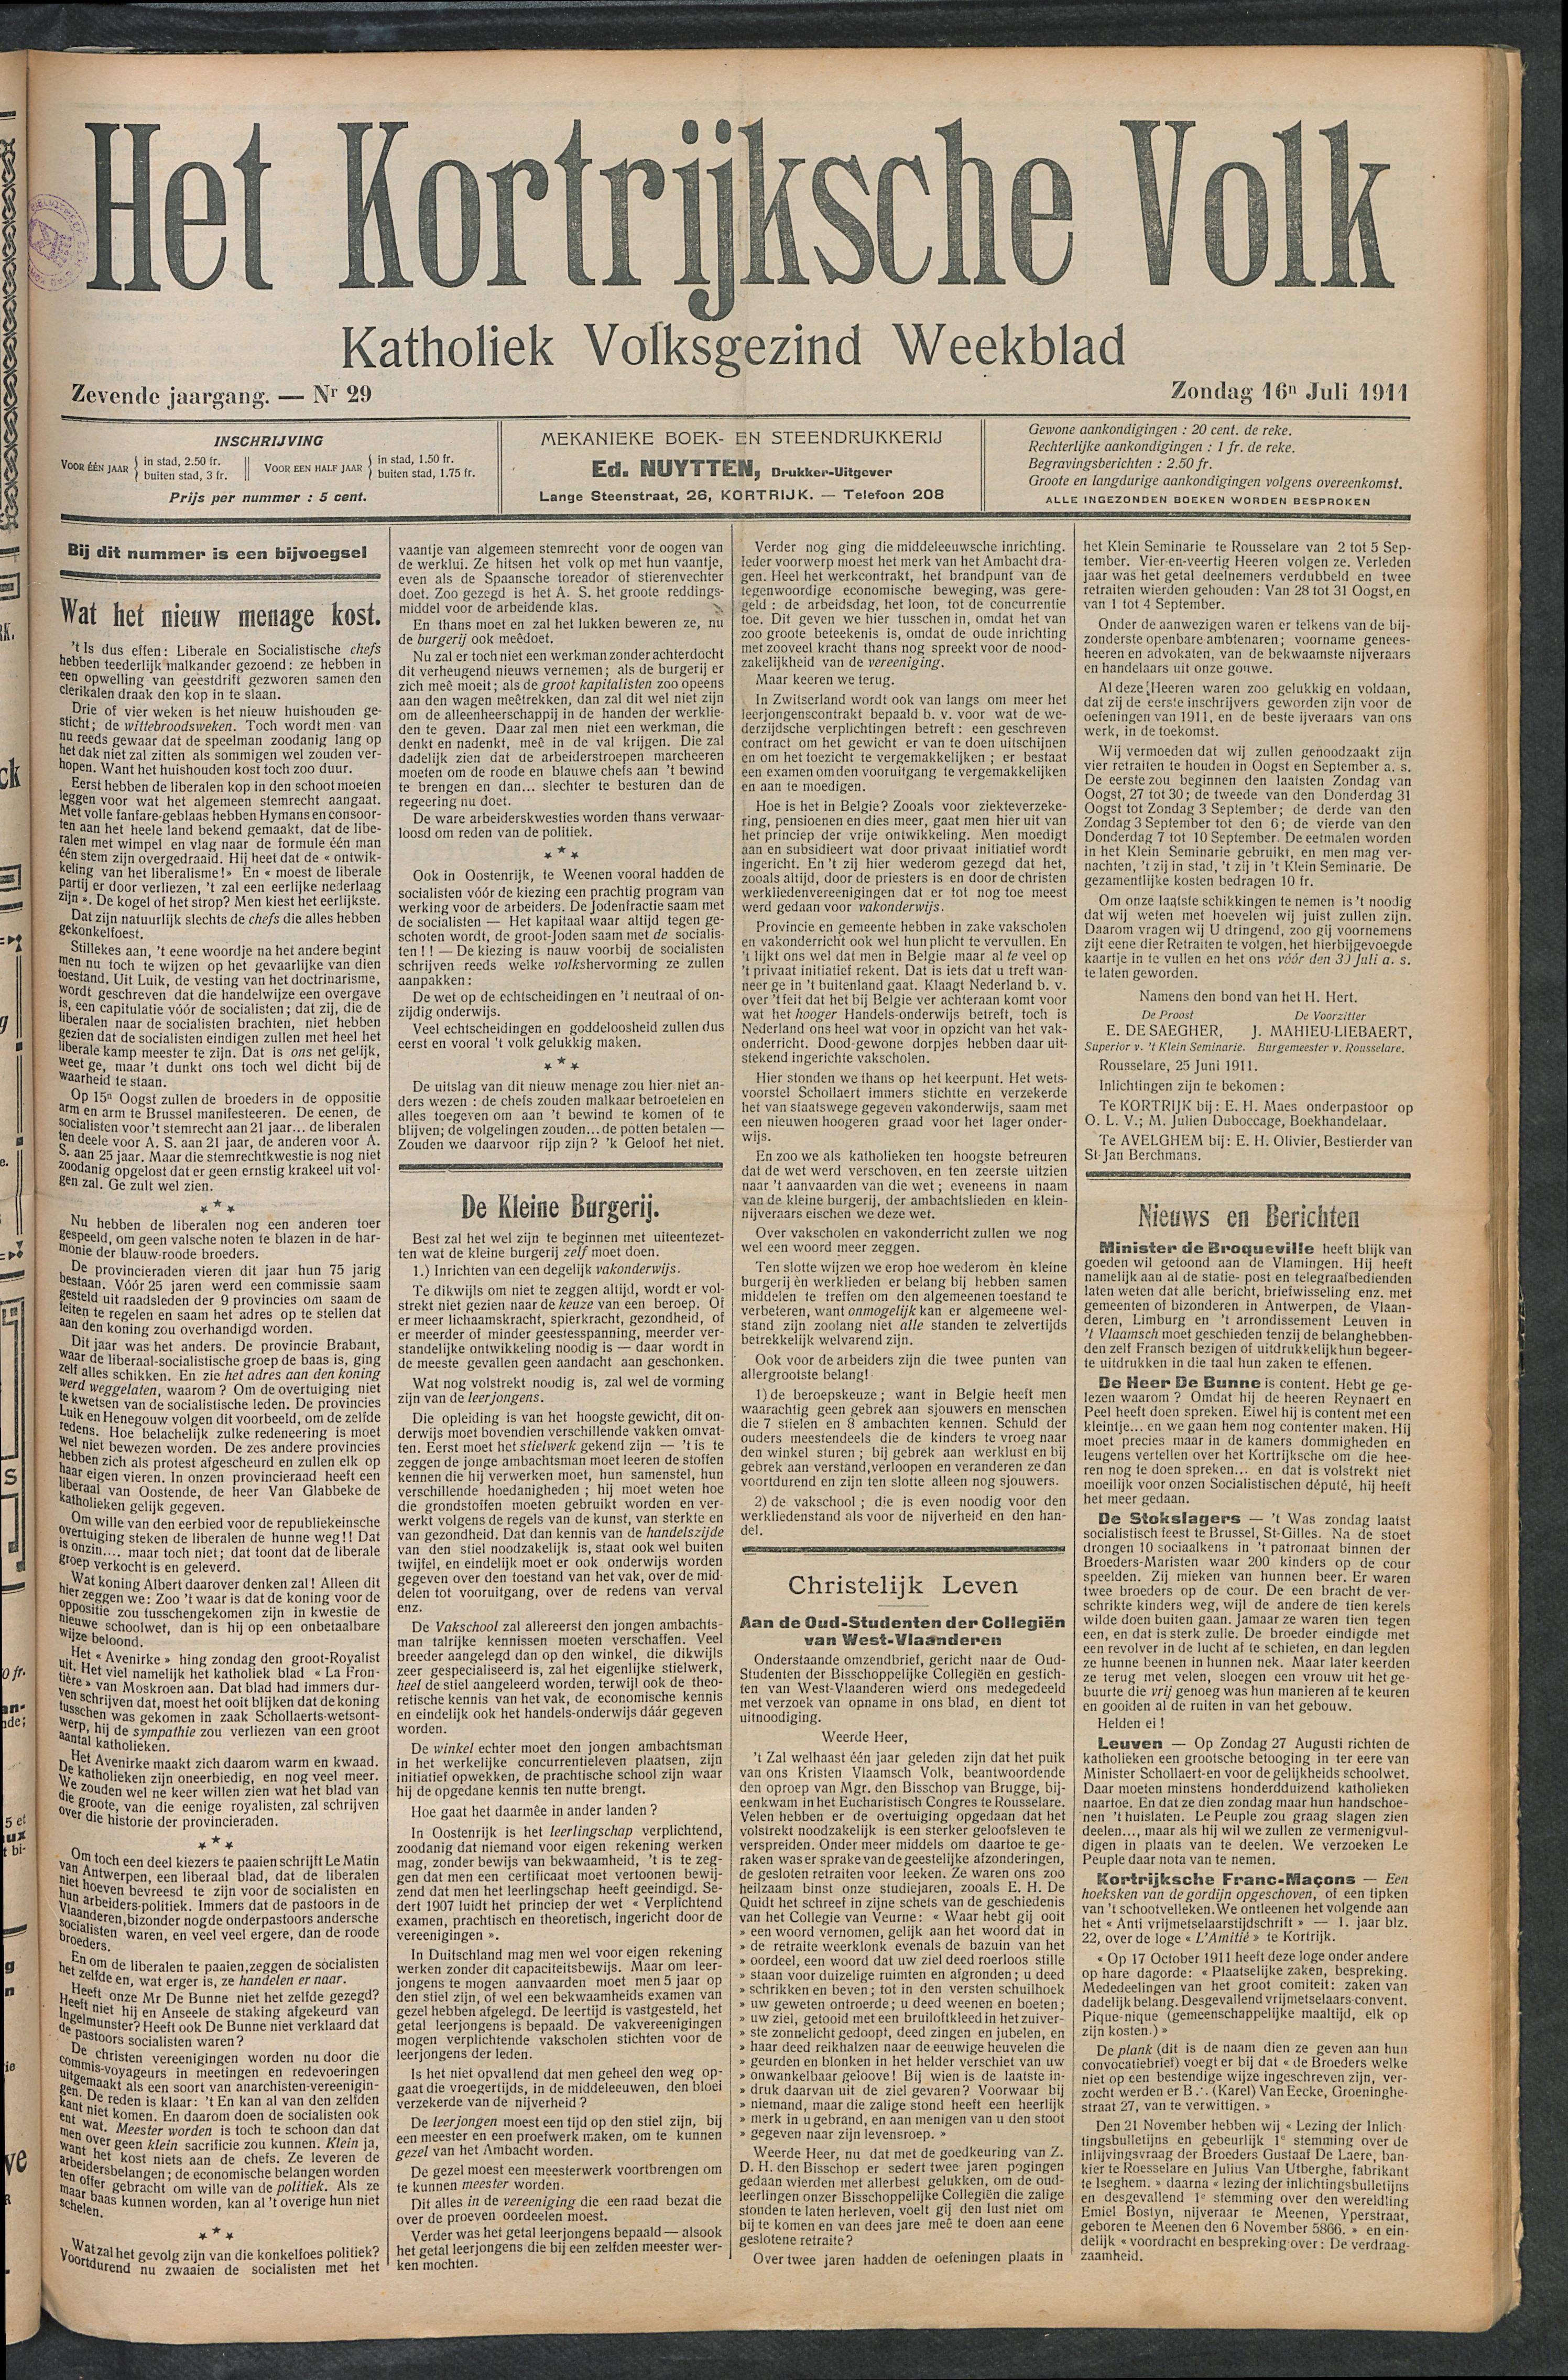 Het Kortrijksche Volk 1911-07-16 p1